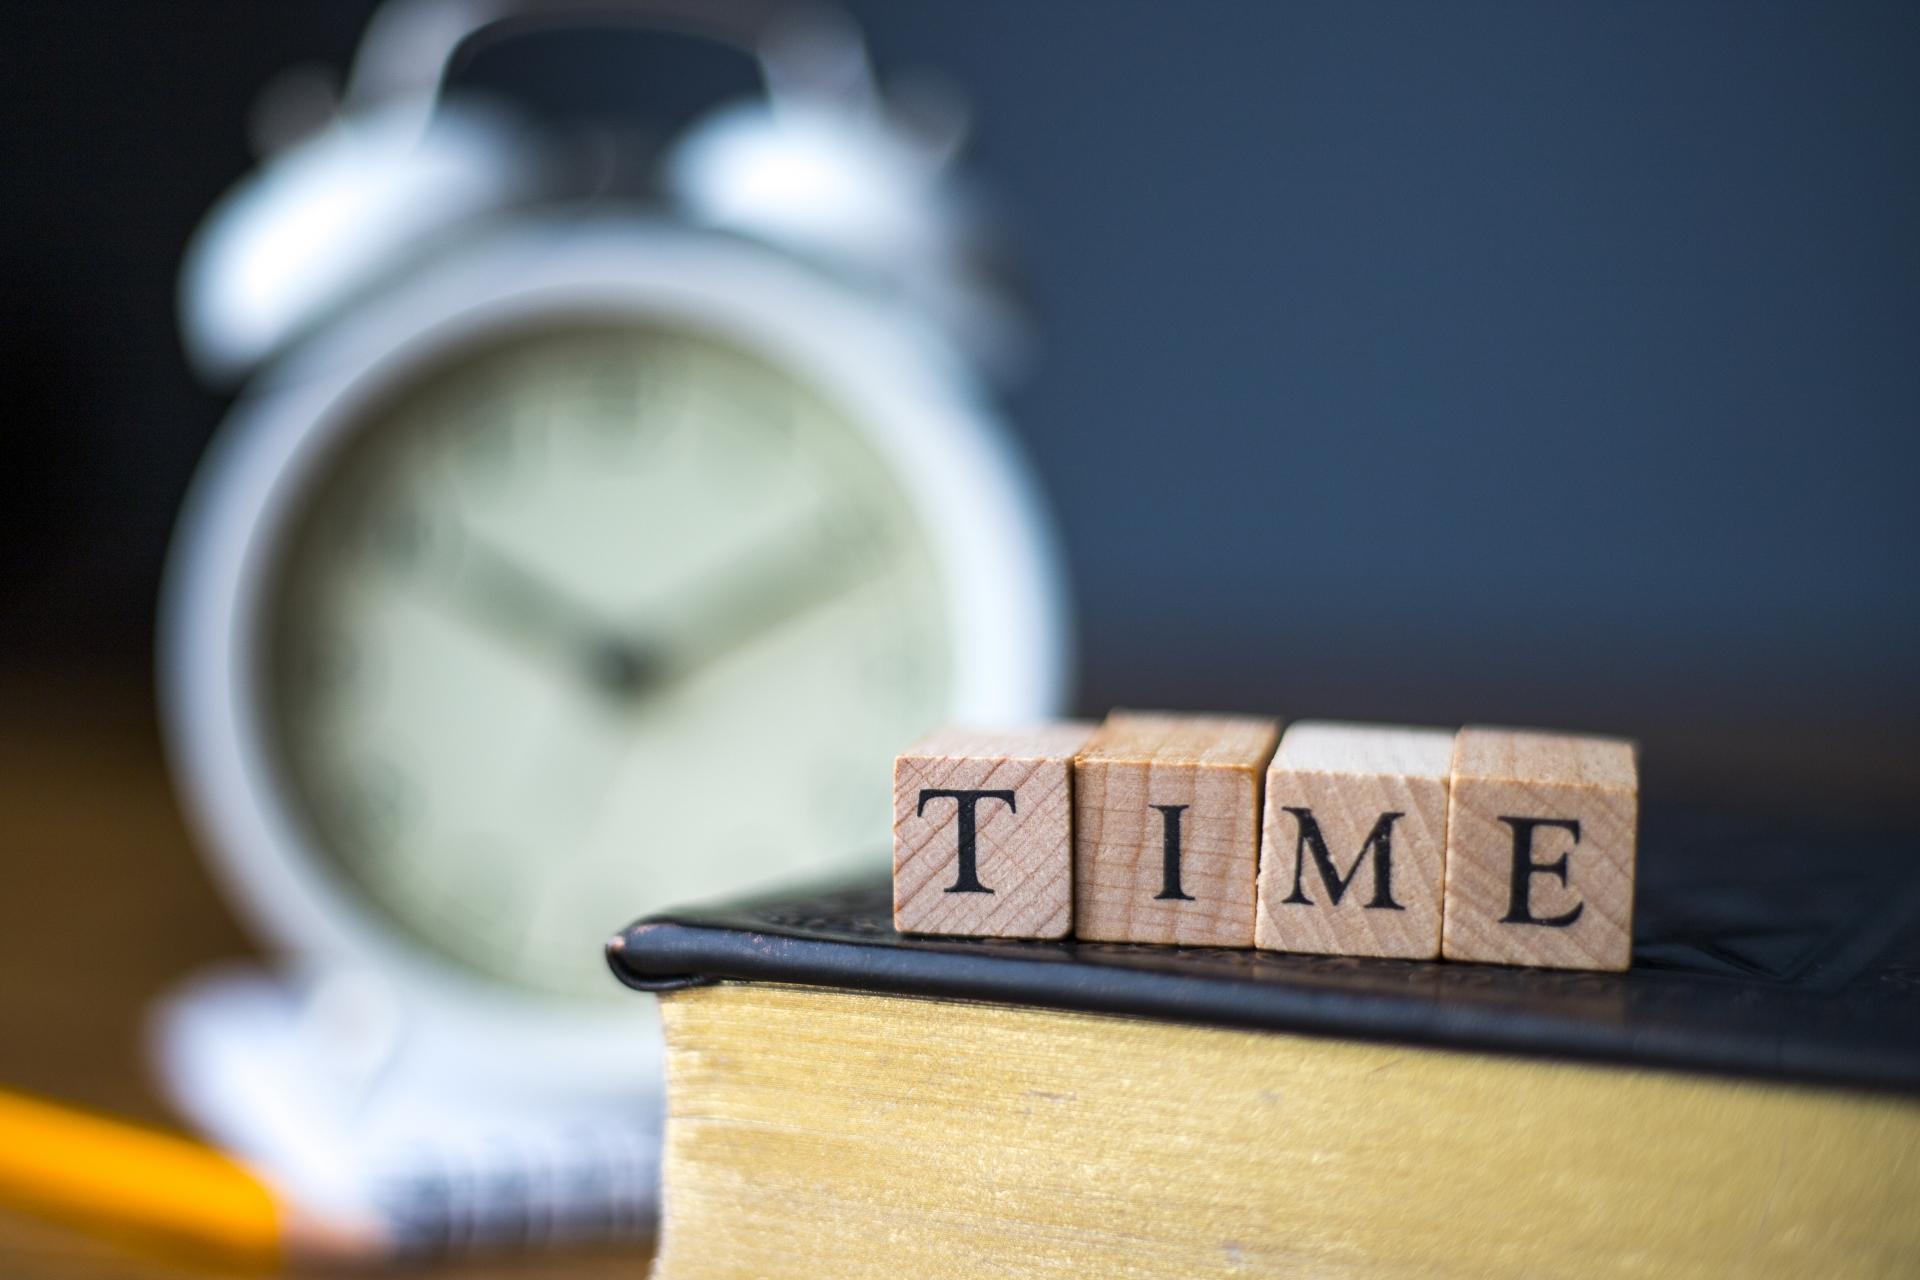 TIMEの文字と時計